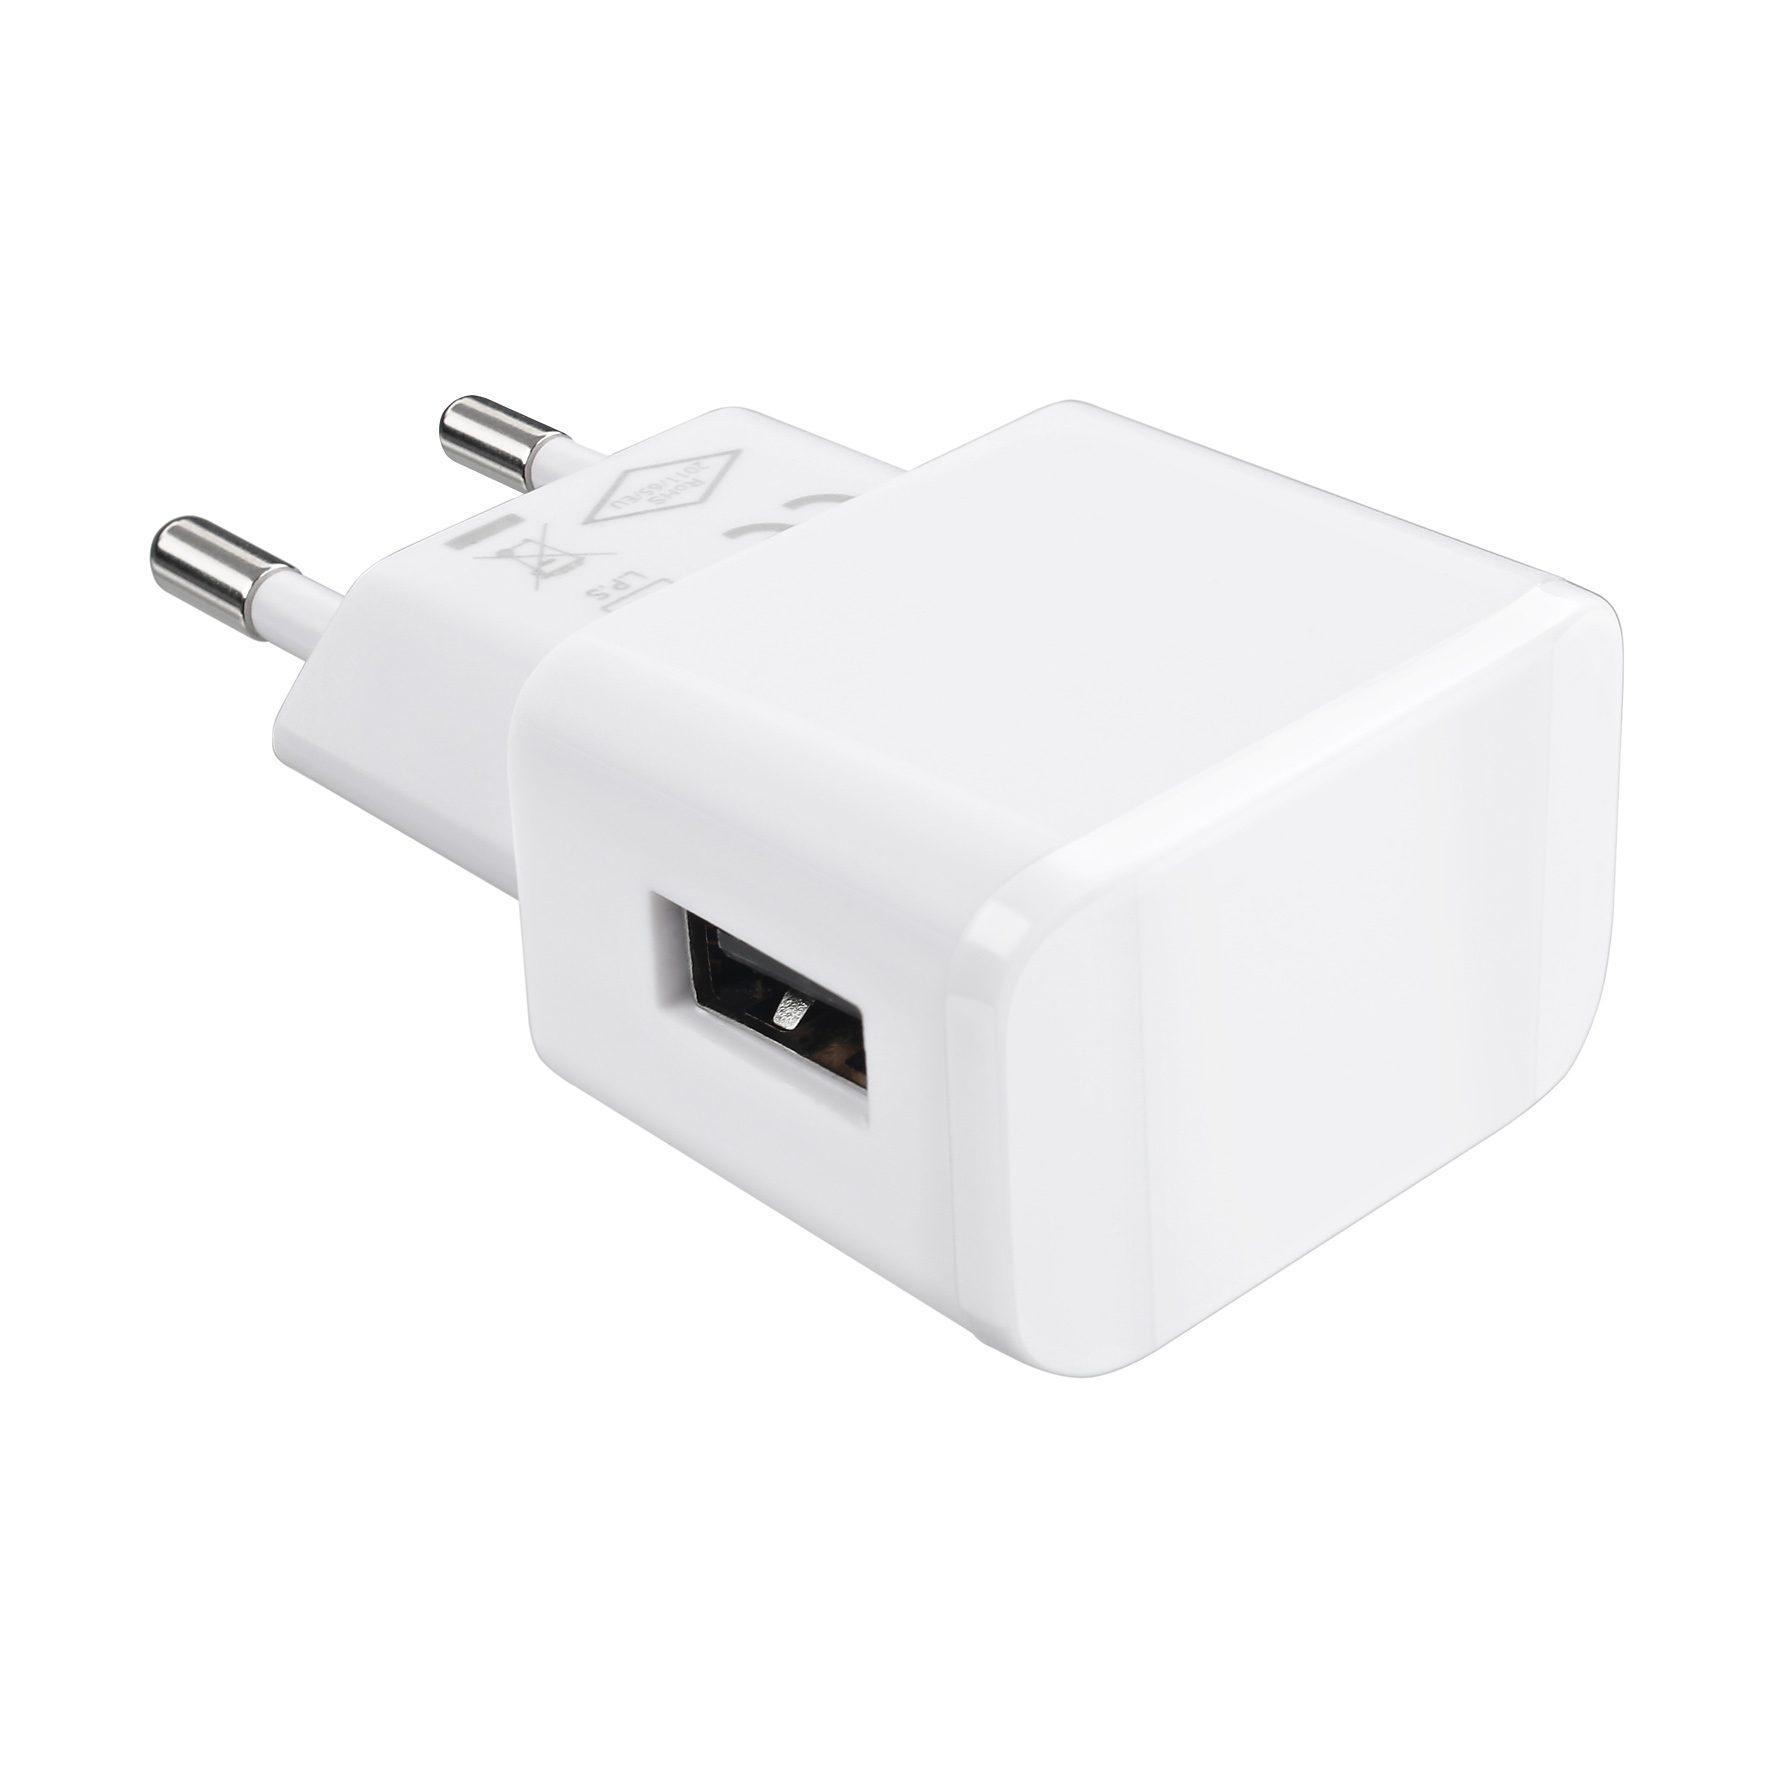 Artwizz USB-Steckdosen-Ladegerät für Smartphones und Tablets »PowerPlug 3«